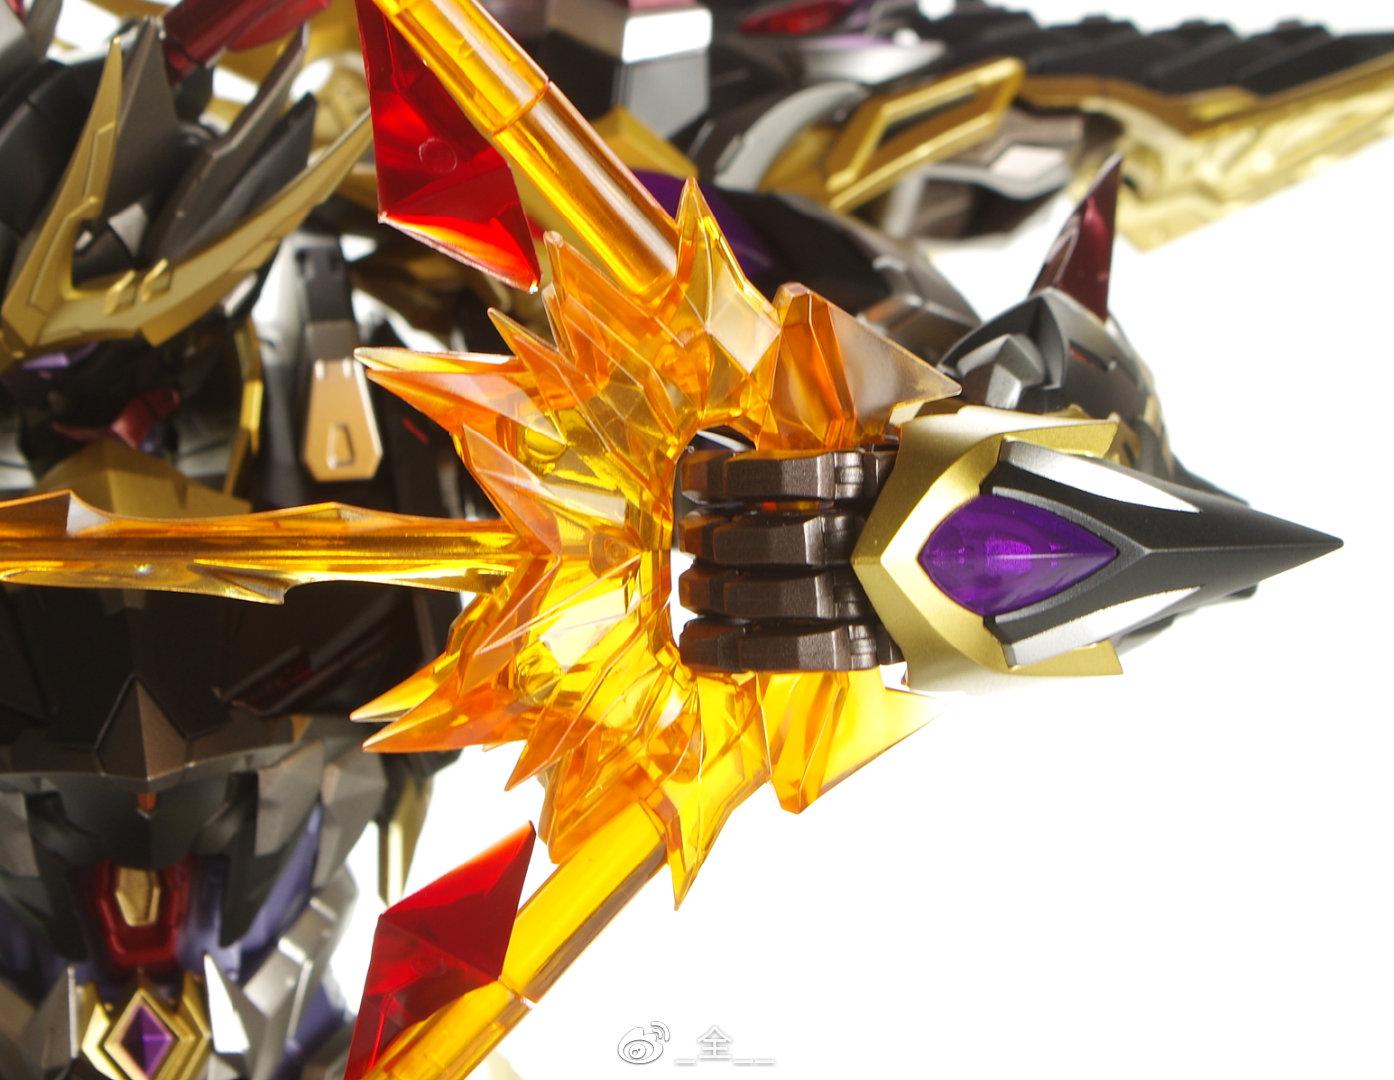 S576_MOTOR_NUCLEAR_ryofu_1005_160.jpg